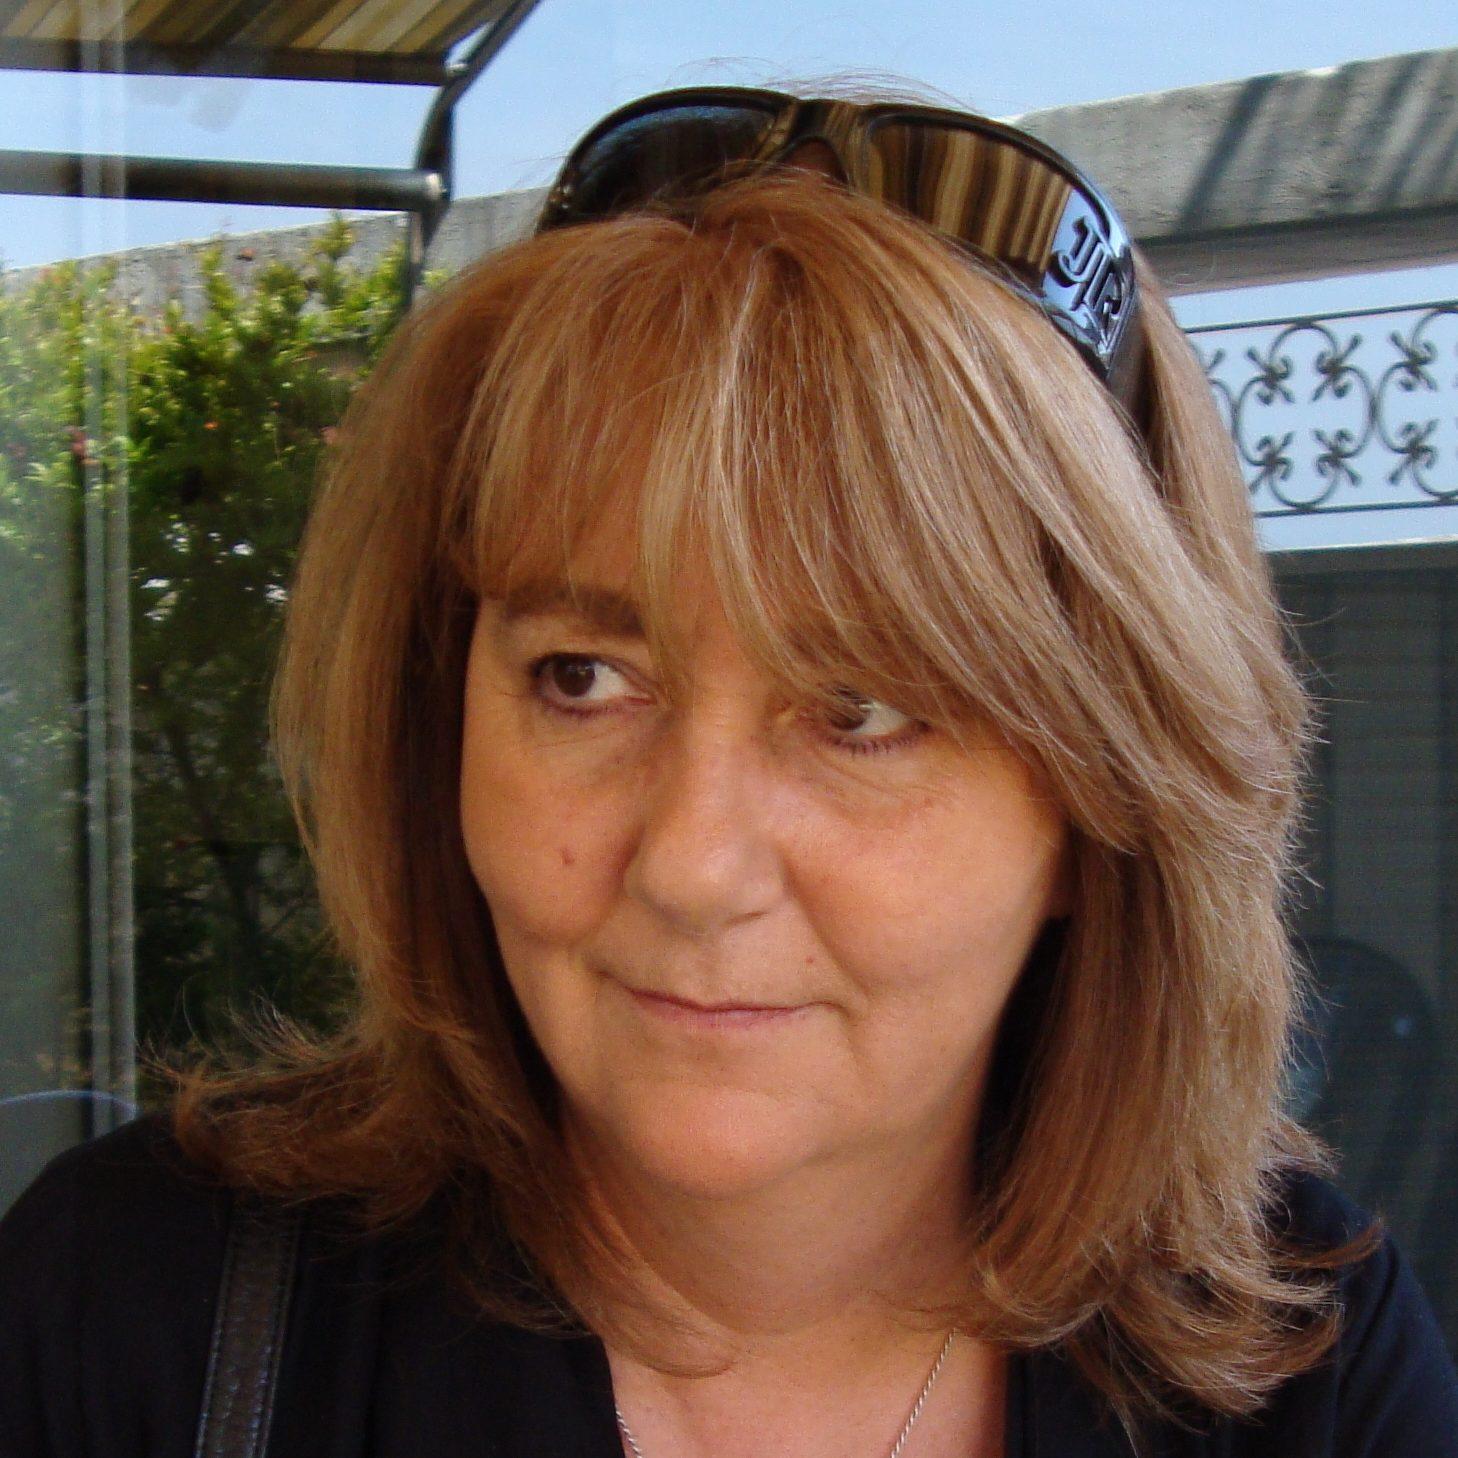 Cristina Gorietti